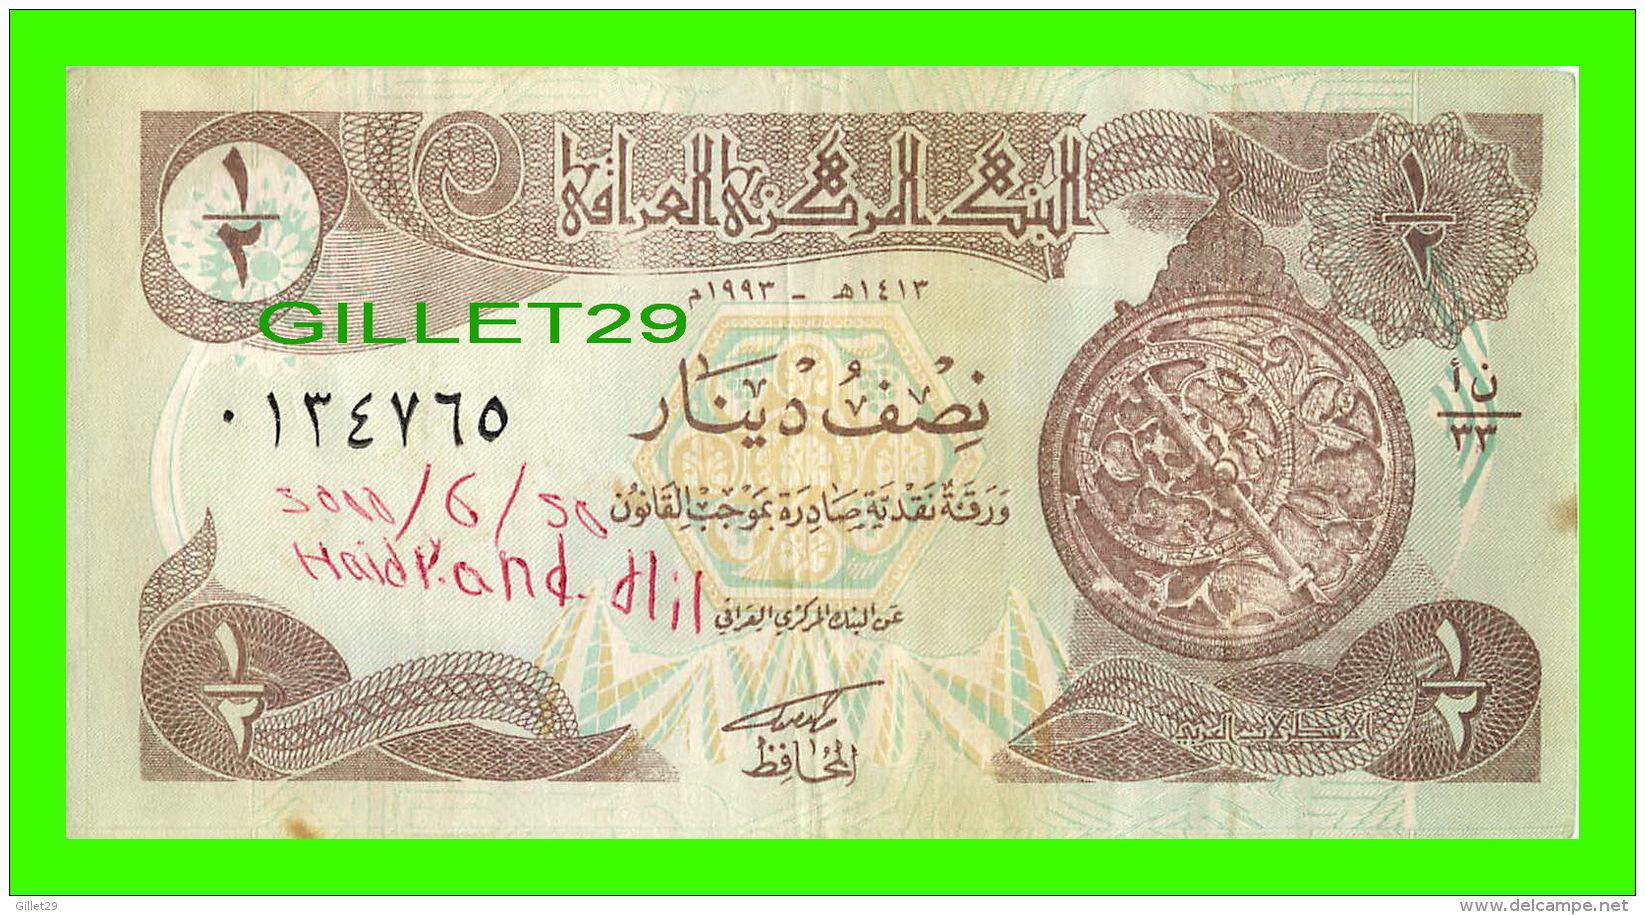 IRAQ - CENTRAL BANK OF IRAQ, HALF DINAR - - Iraq